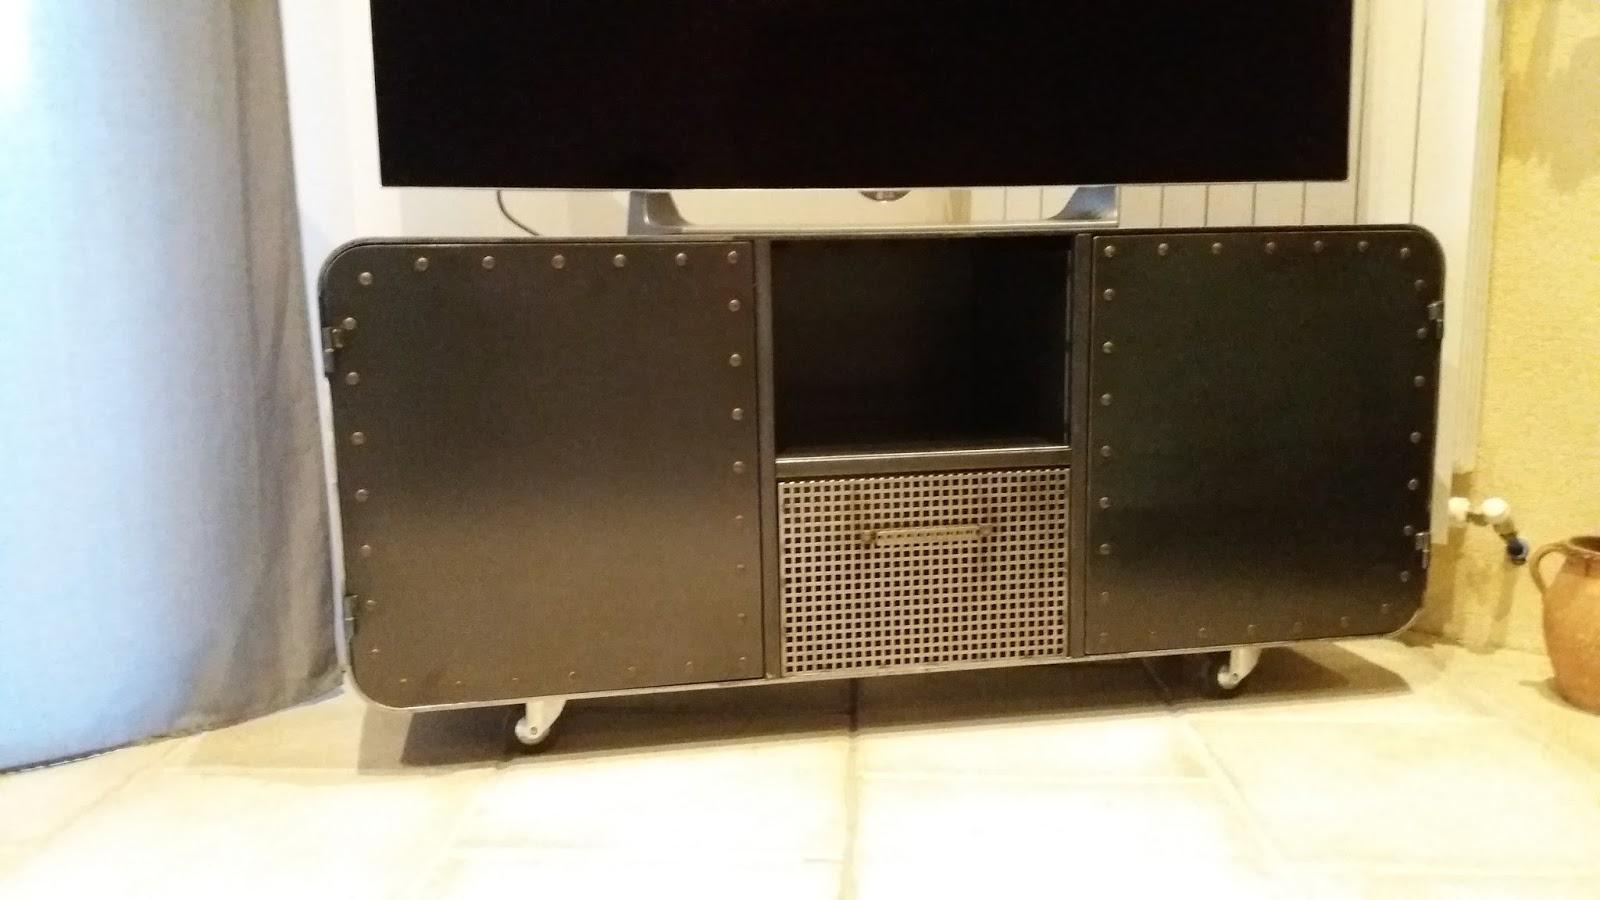 Meuble Tv Avec Roulettes Conceptions De Maison Blanzza Com # Meuble Tv Sur Roulette